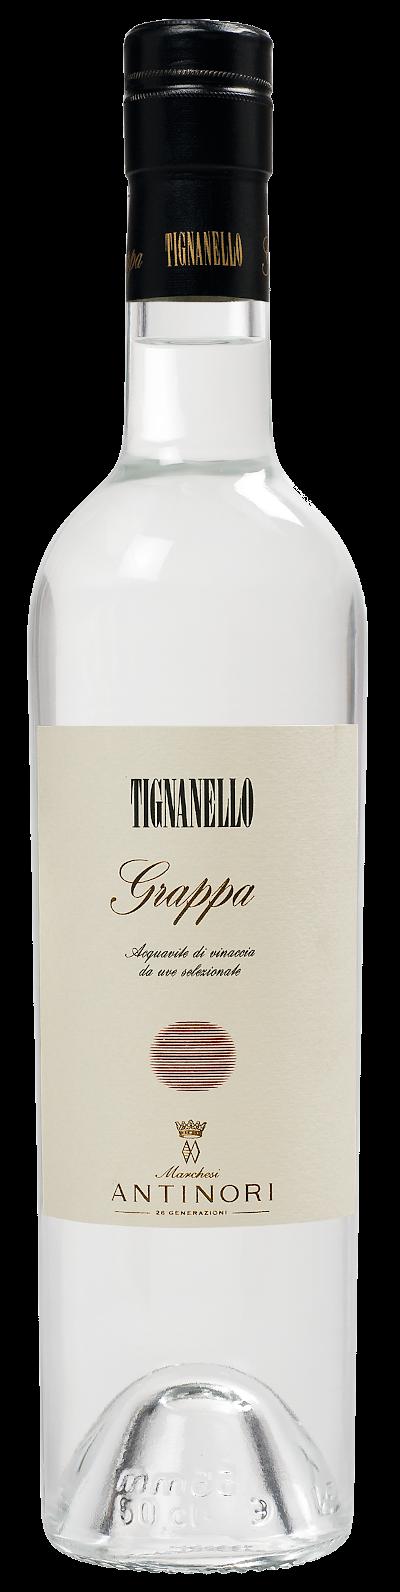 Antinori - Tignanello Grappa